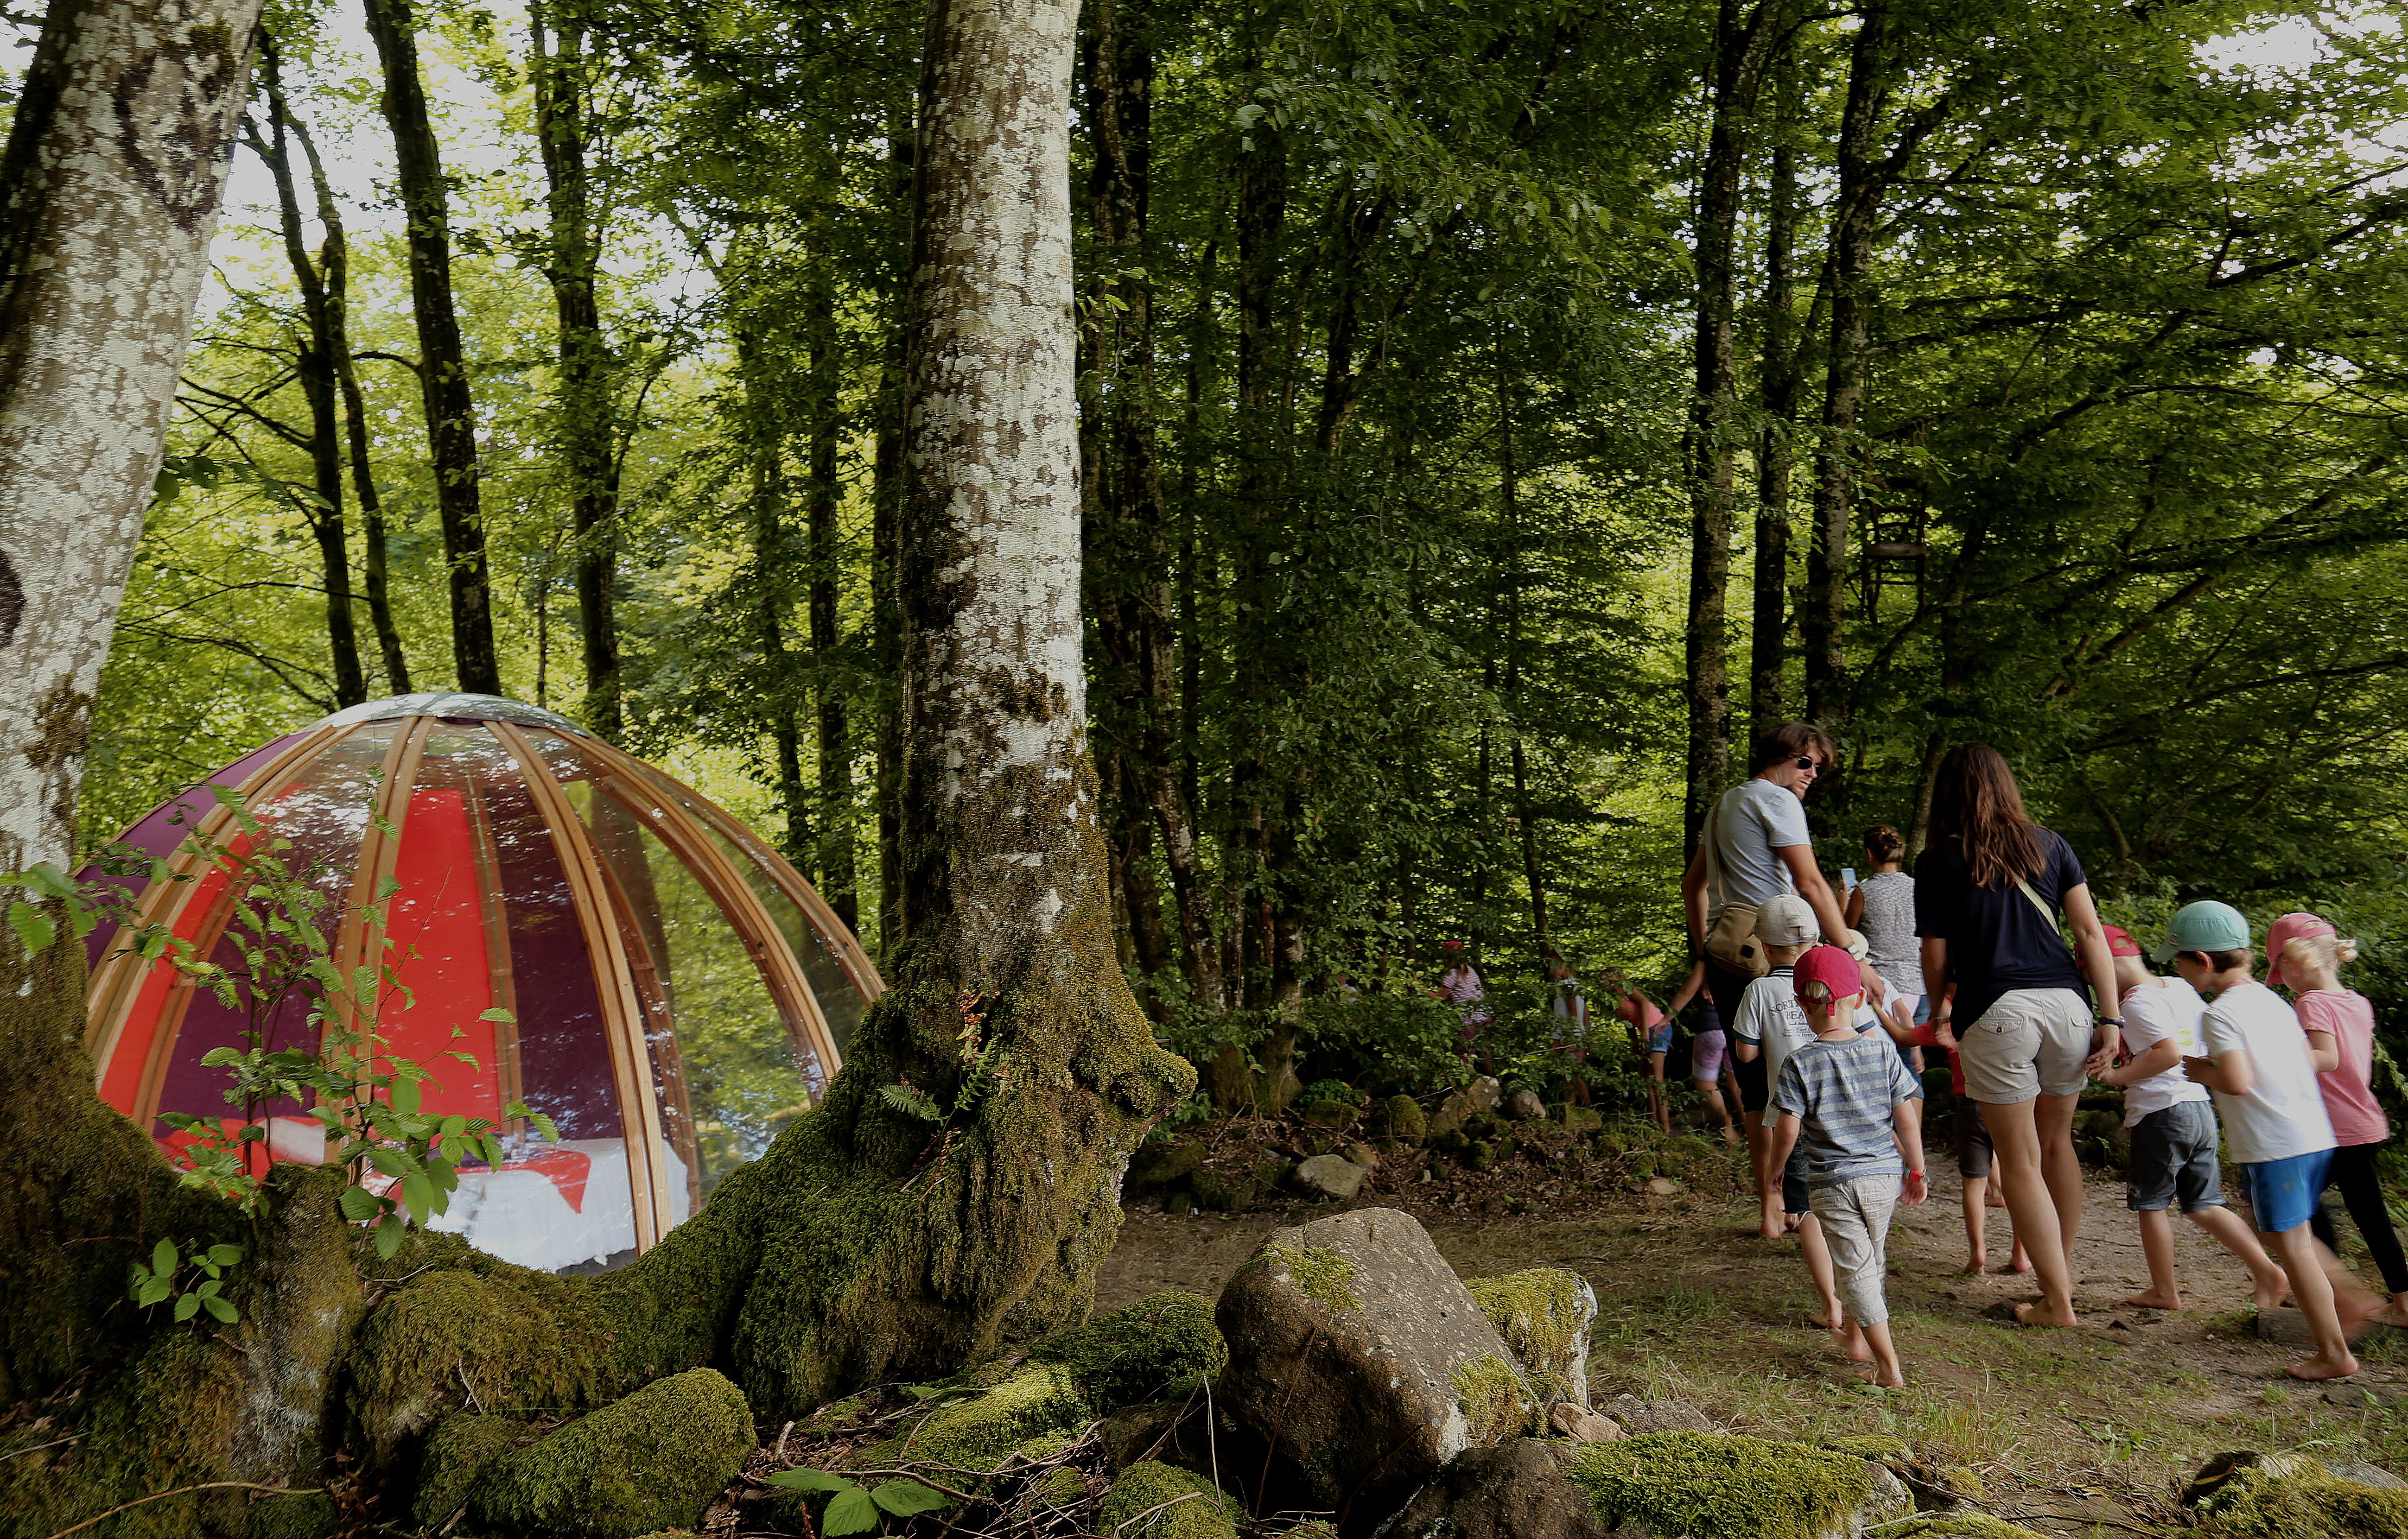 Das Glaskuppel Hottel im Ferienpark La Ferme Aventure bietet in der Feriensaison vorallem für Abschlussfahrten an